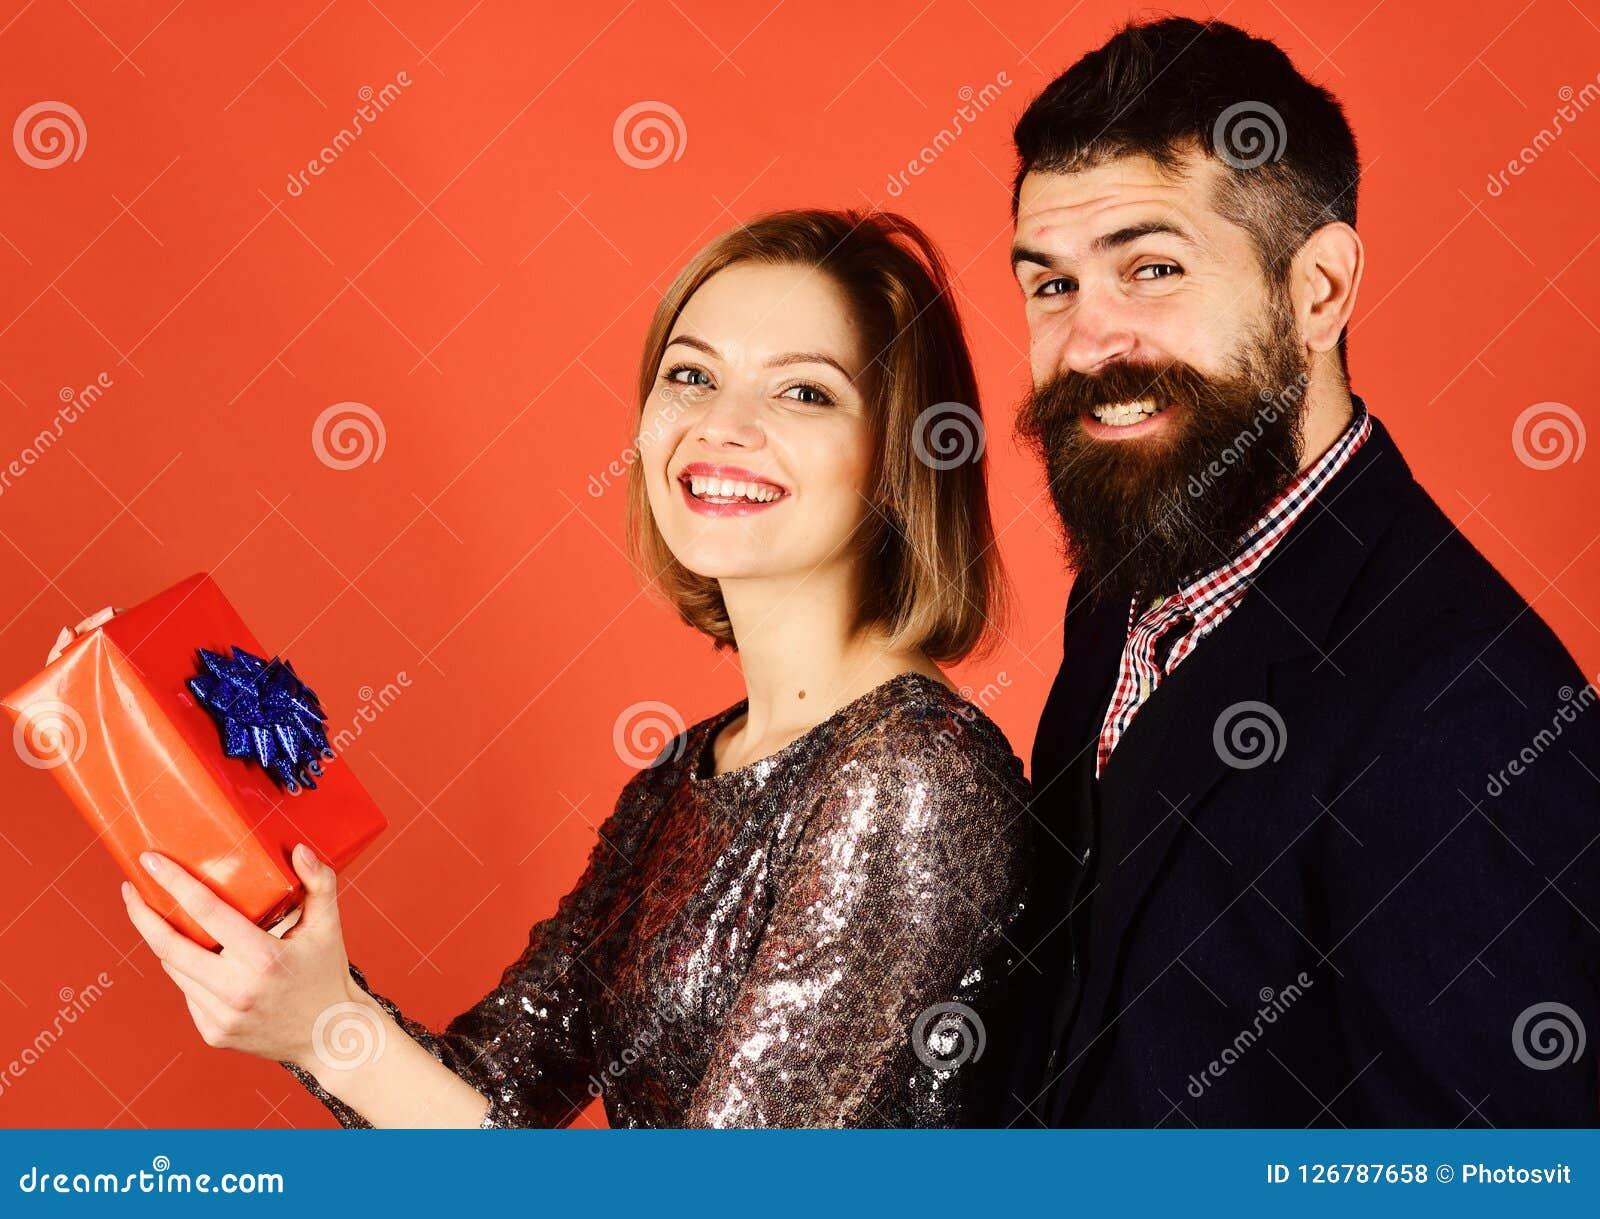 mann dating noen mens gift hva du skal gjøre når dating en travel fyr